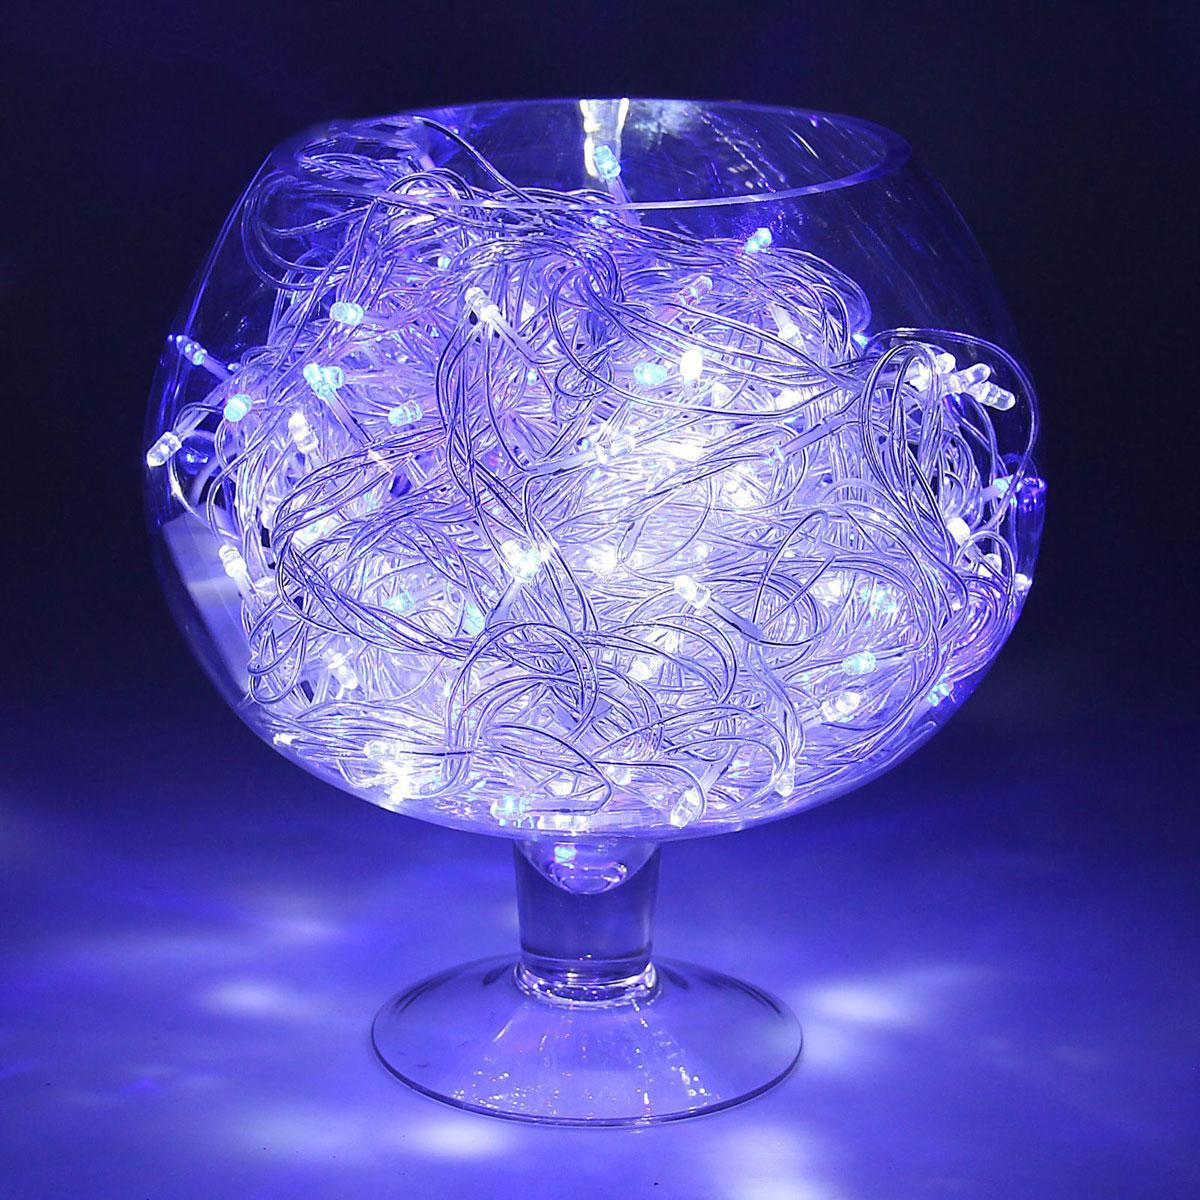 Гирлянда светодиодная Luazon Метраж, уличная, моргает, 200 ламп, 220 V, 20 м, цвет: синий. 10800141080014Светодиодные гирлянды, ленты и т.д. — это отличный вариант для новогоднего оформления интерьера или фасада. С их помощью помещение любого размера можно превратить в праздничный зал, а внешние элементы зданий, украшенные ими, мгновенно станут напоминать очертания сказочного дворца. Такие украшения создают ауру предвкушения чуда. Деревья, фасады, витрины, окна и арки будто специально созданы, чтобы вы украсили их светящимися нитями.